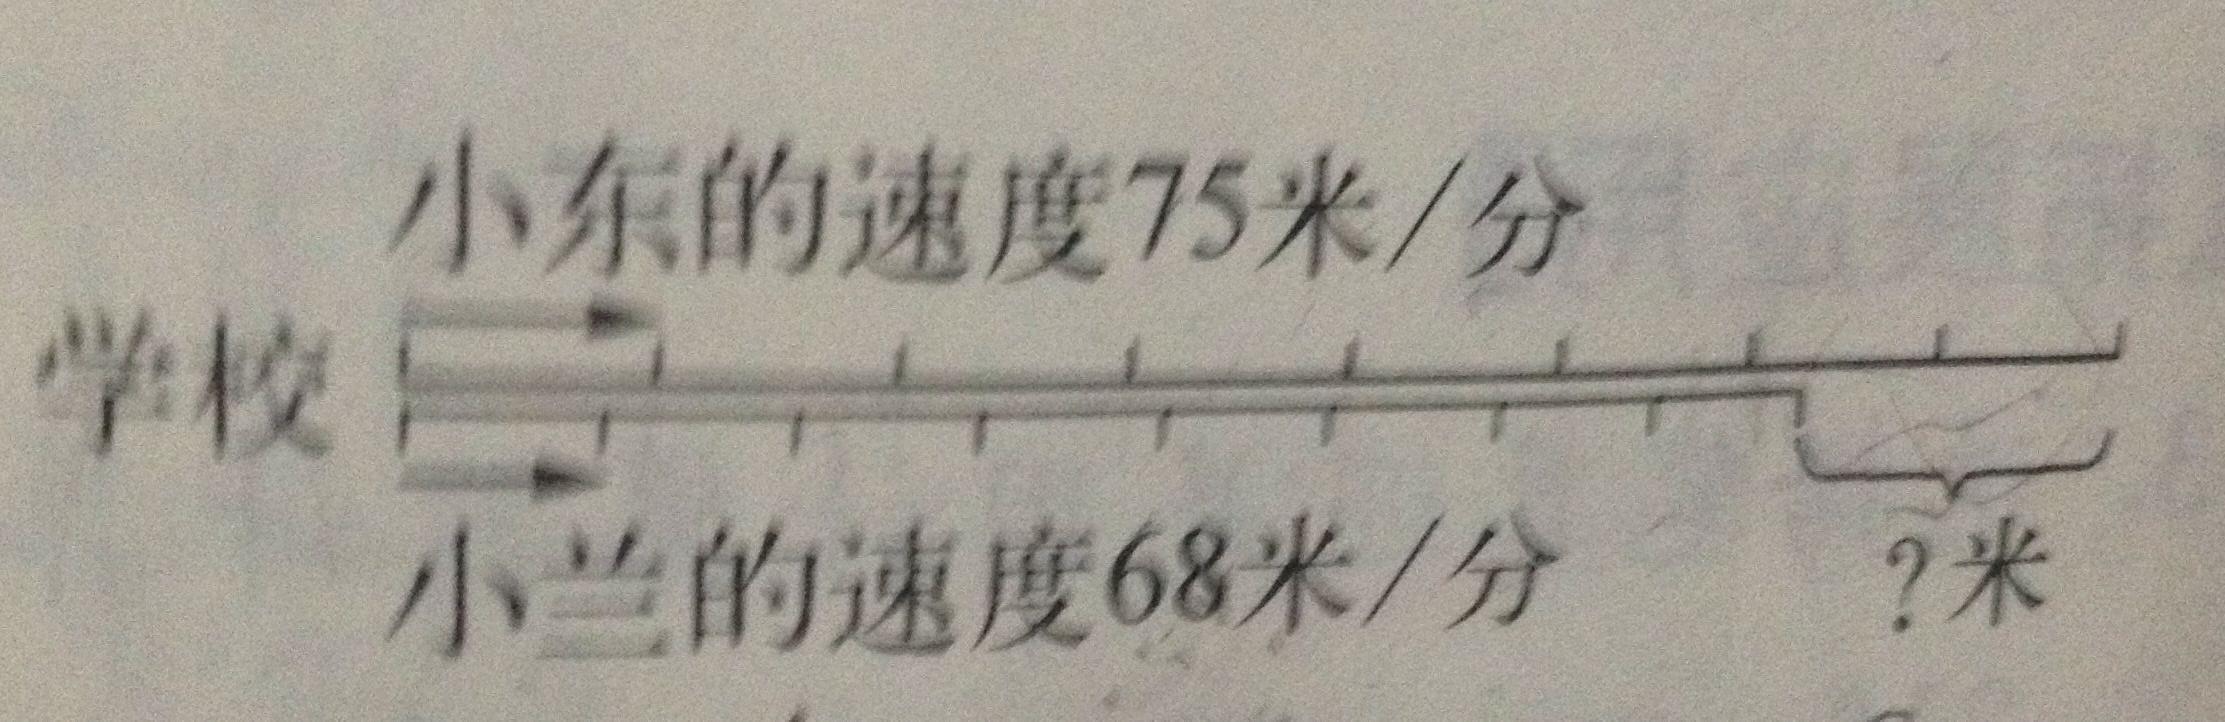 小学数学线段图,求解答急急急!不要用方程式!图片